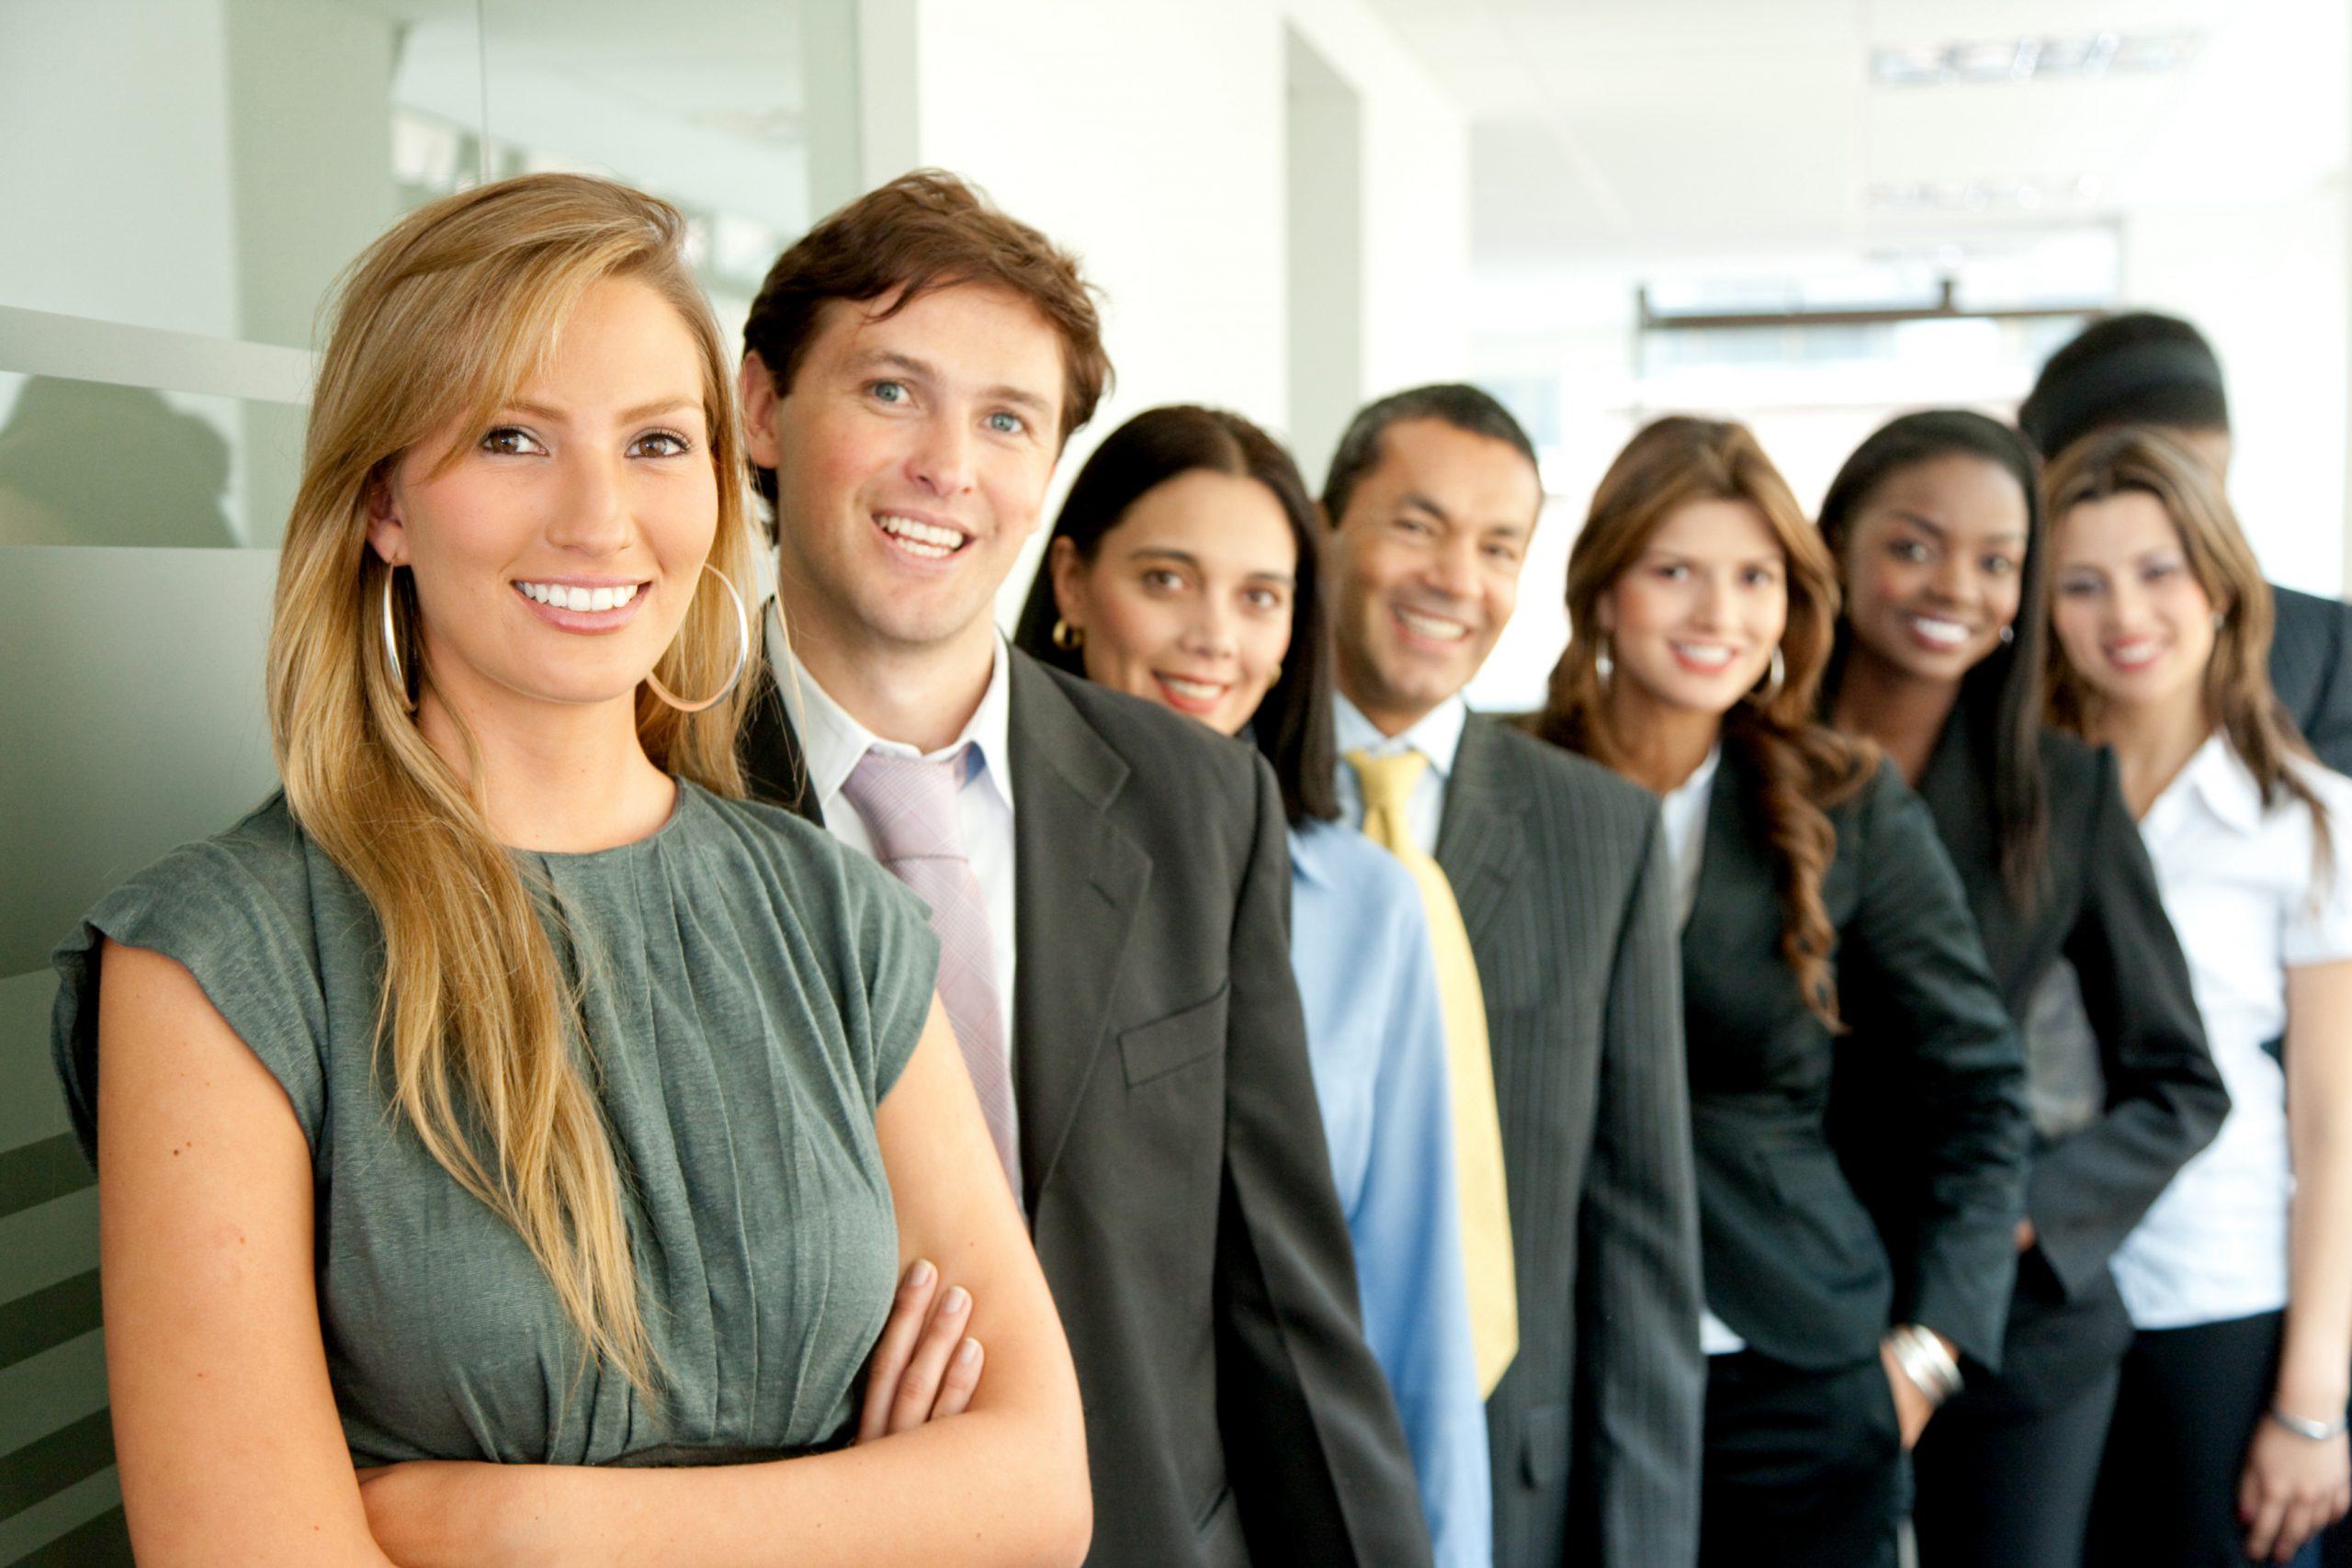 Sostegno all'occupazione: incentivi ai datori di lavoro